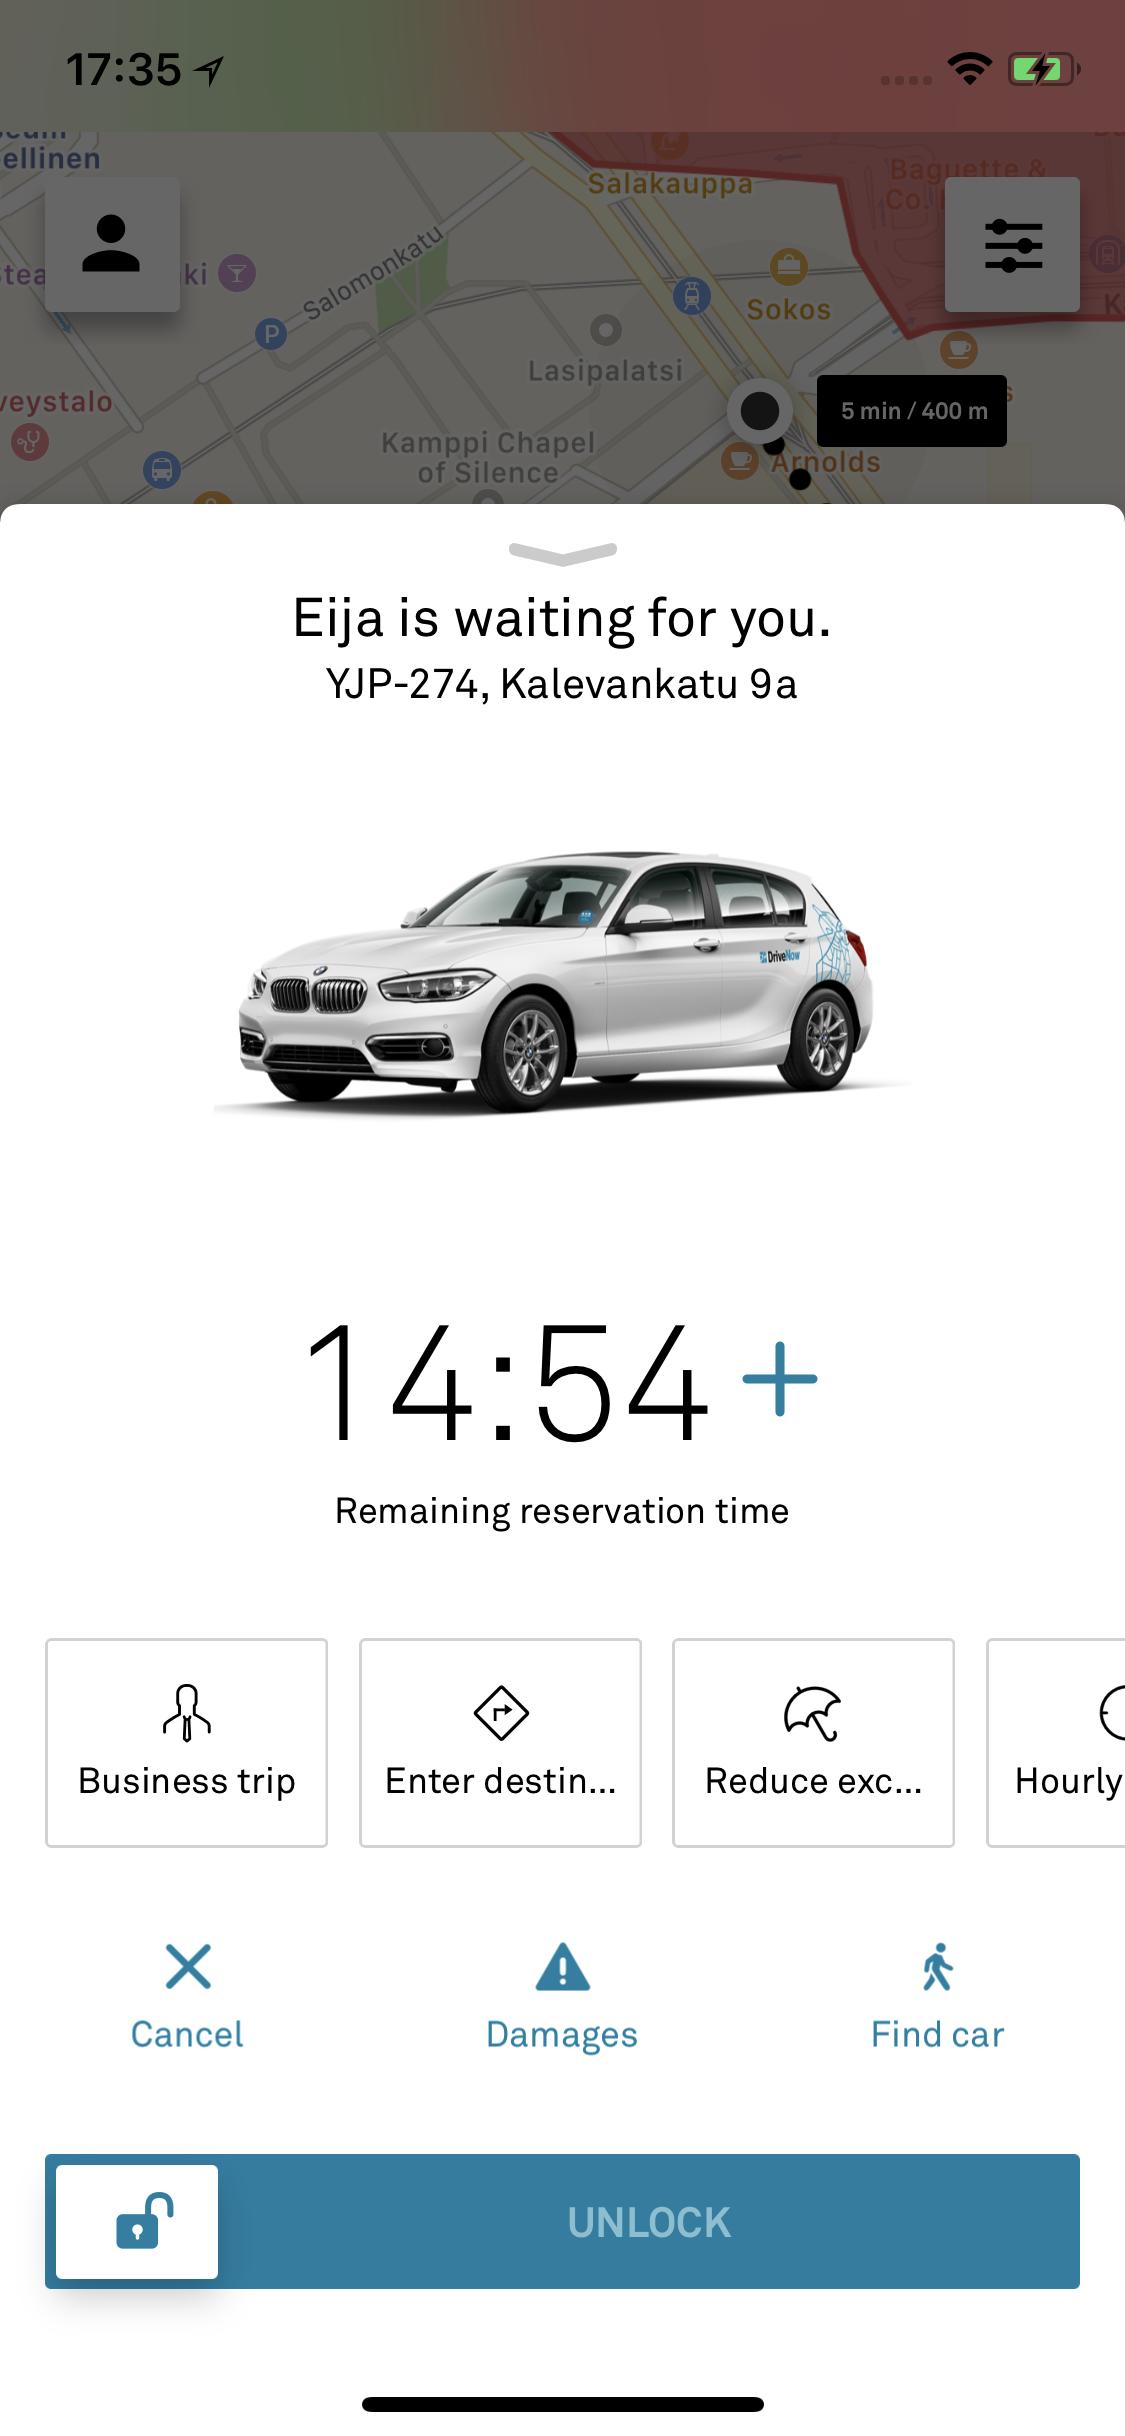 FI_carsharing_tips-tricks_plan-trip